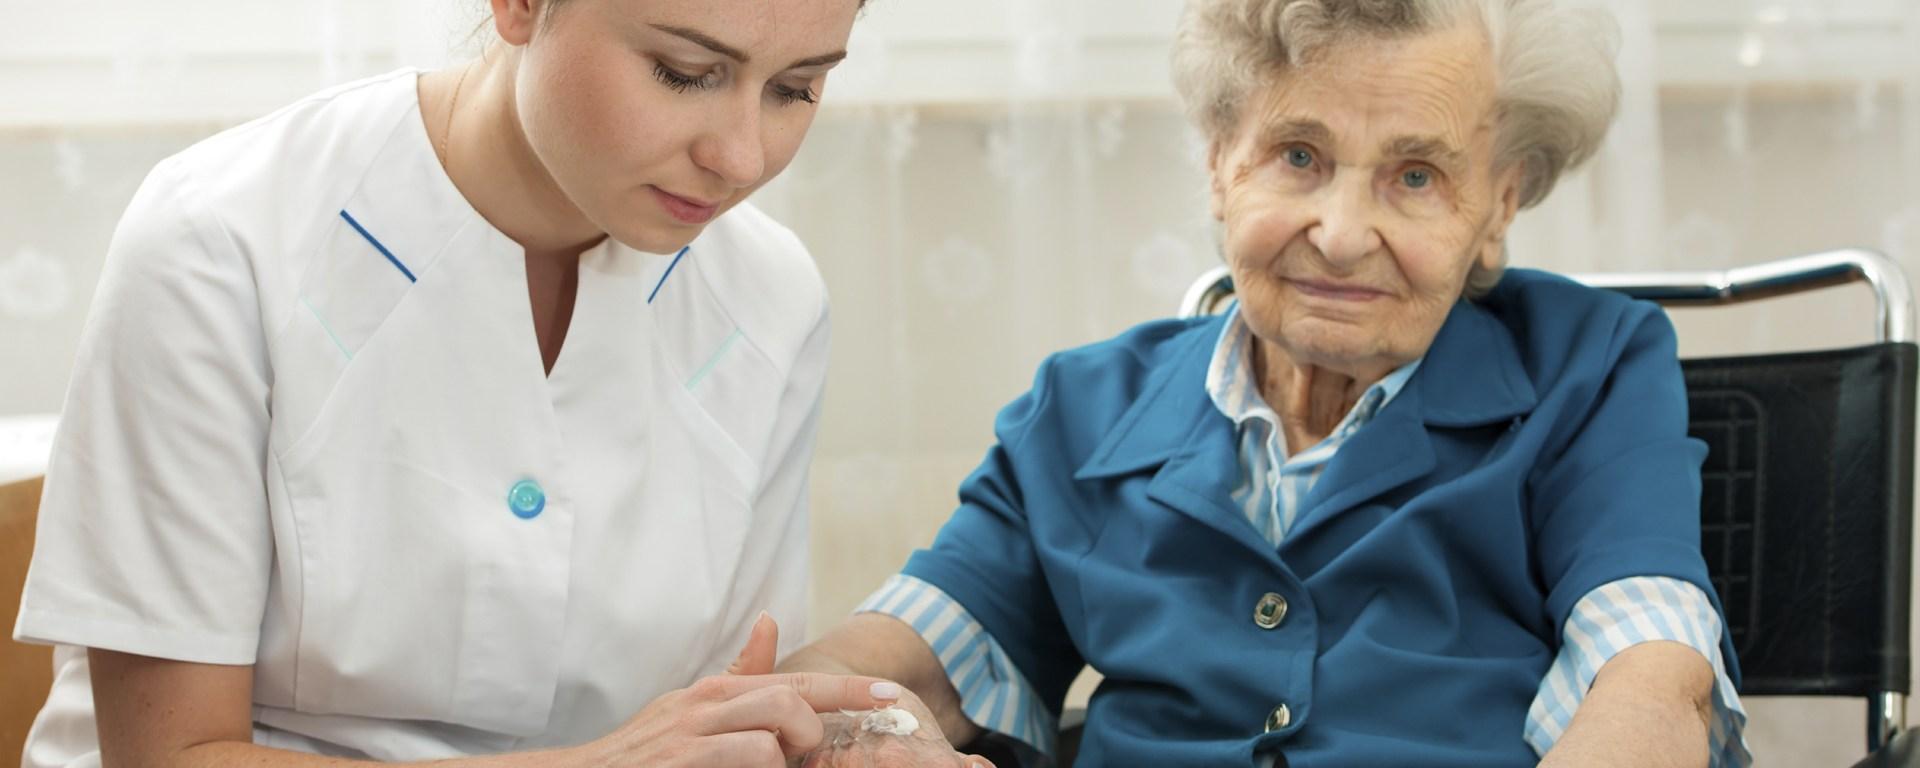 MedicalAssistingDegree_E-NewsBlog